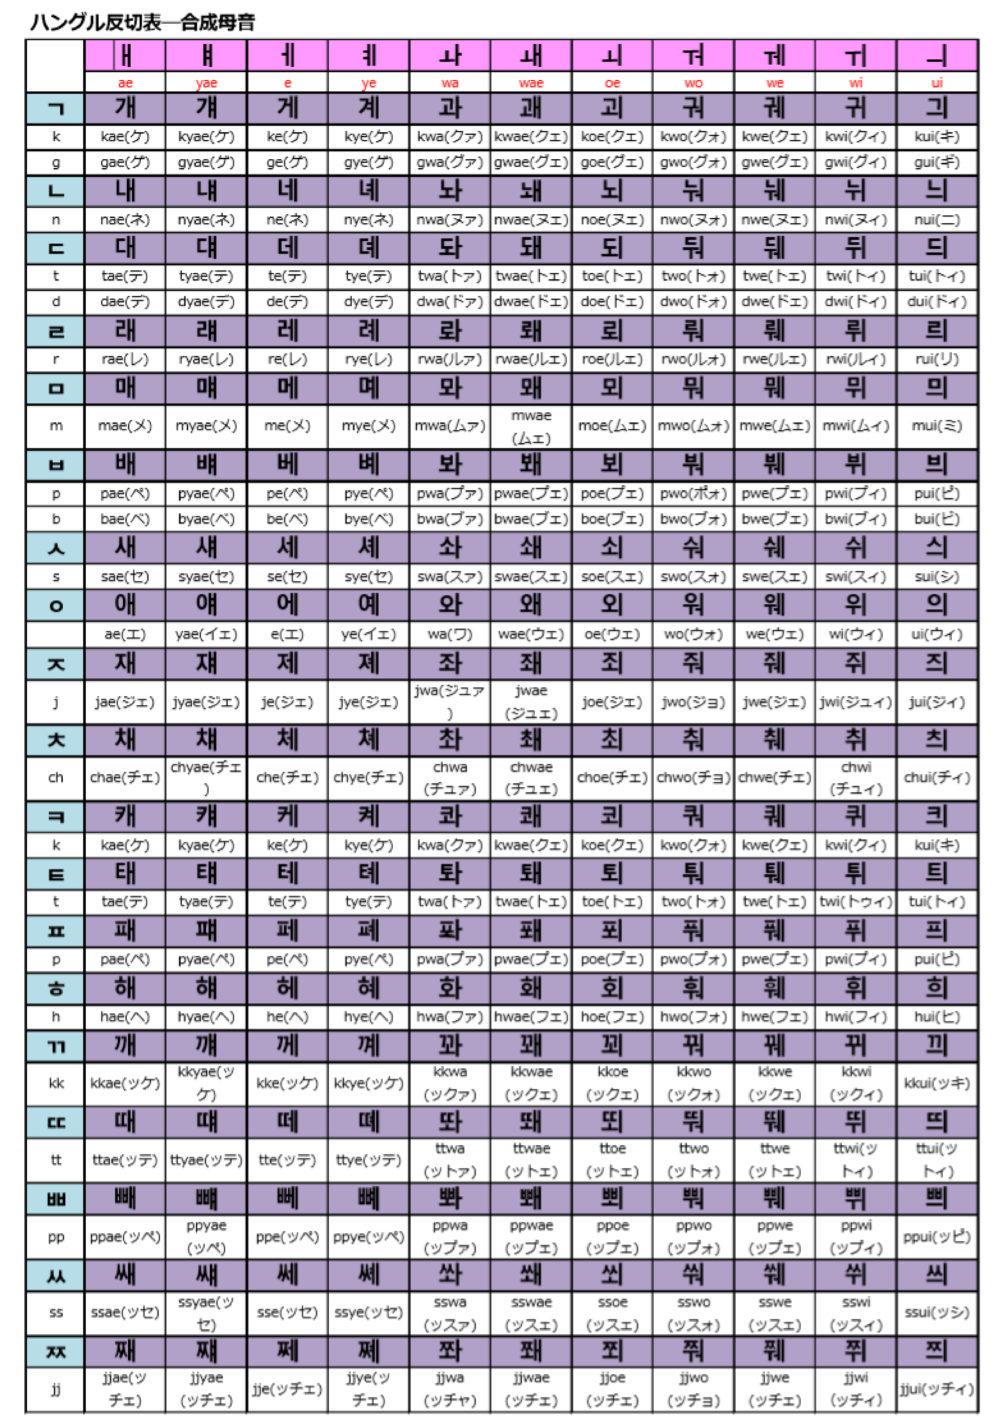 pdf xchange 文字 サイズ